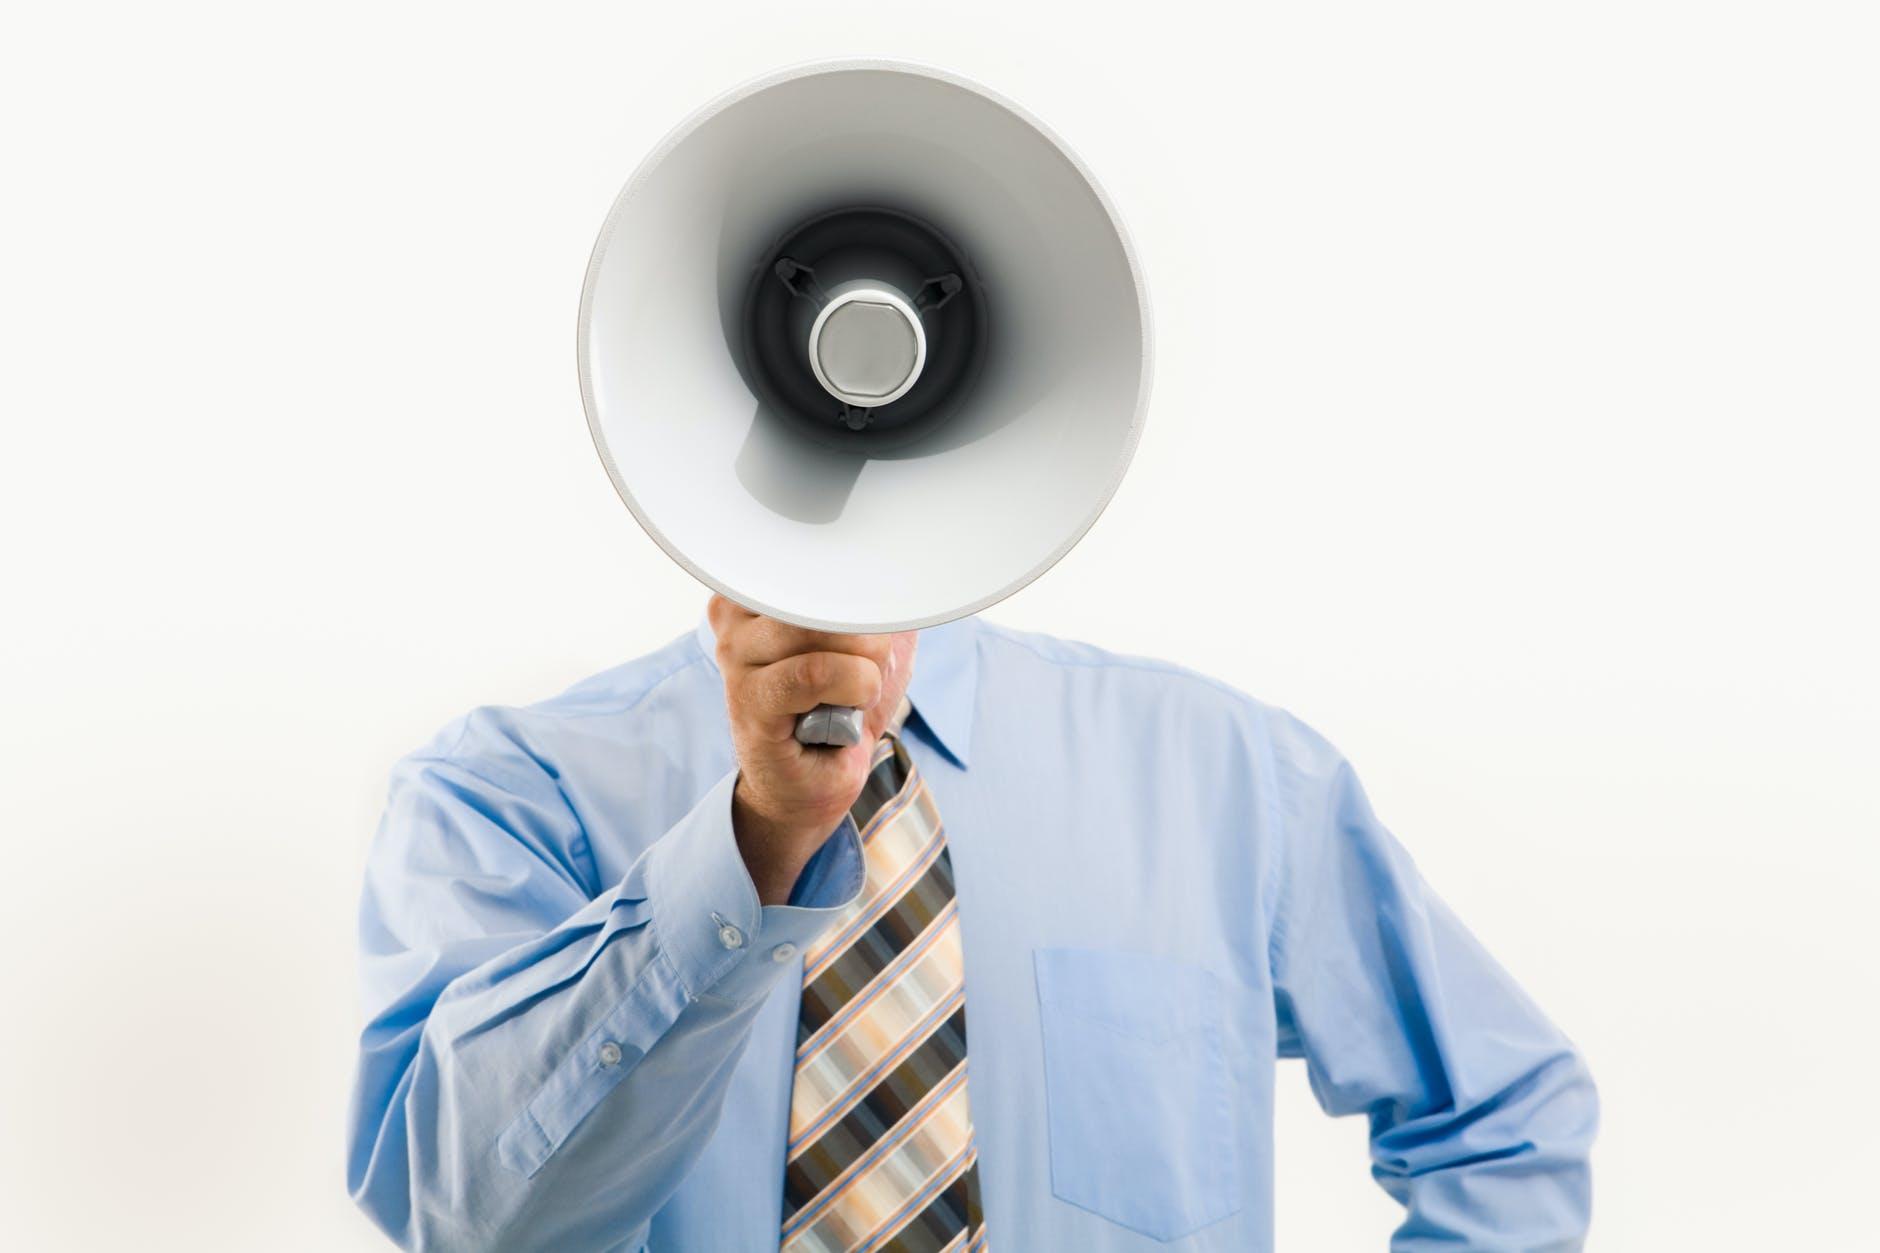 man holding a megaphone